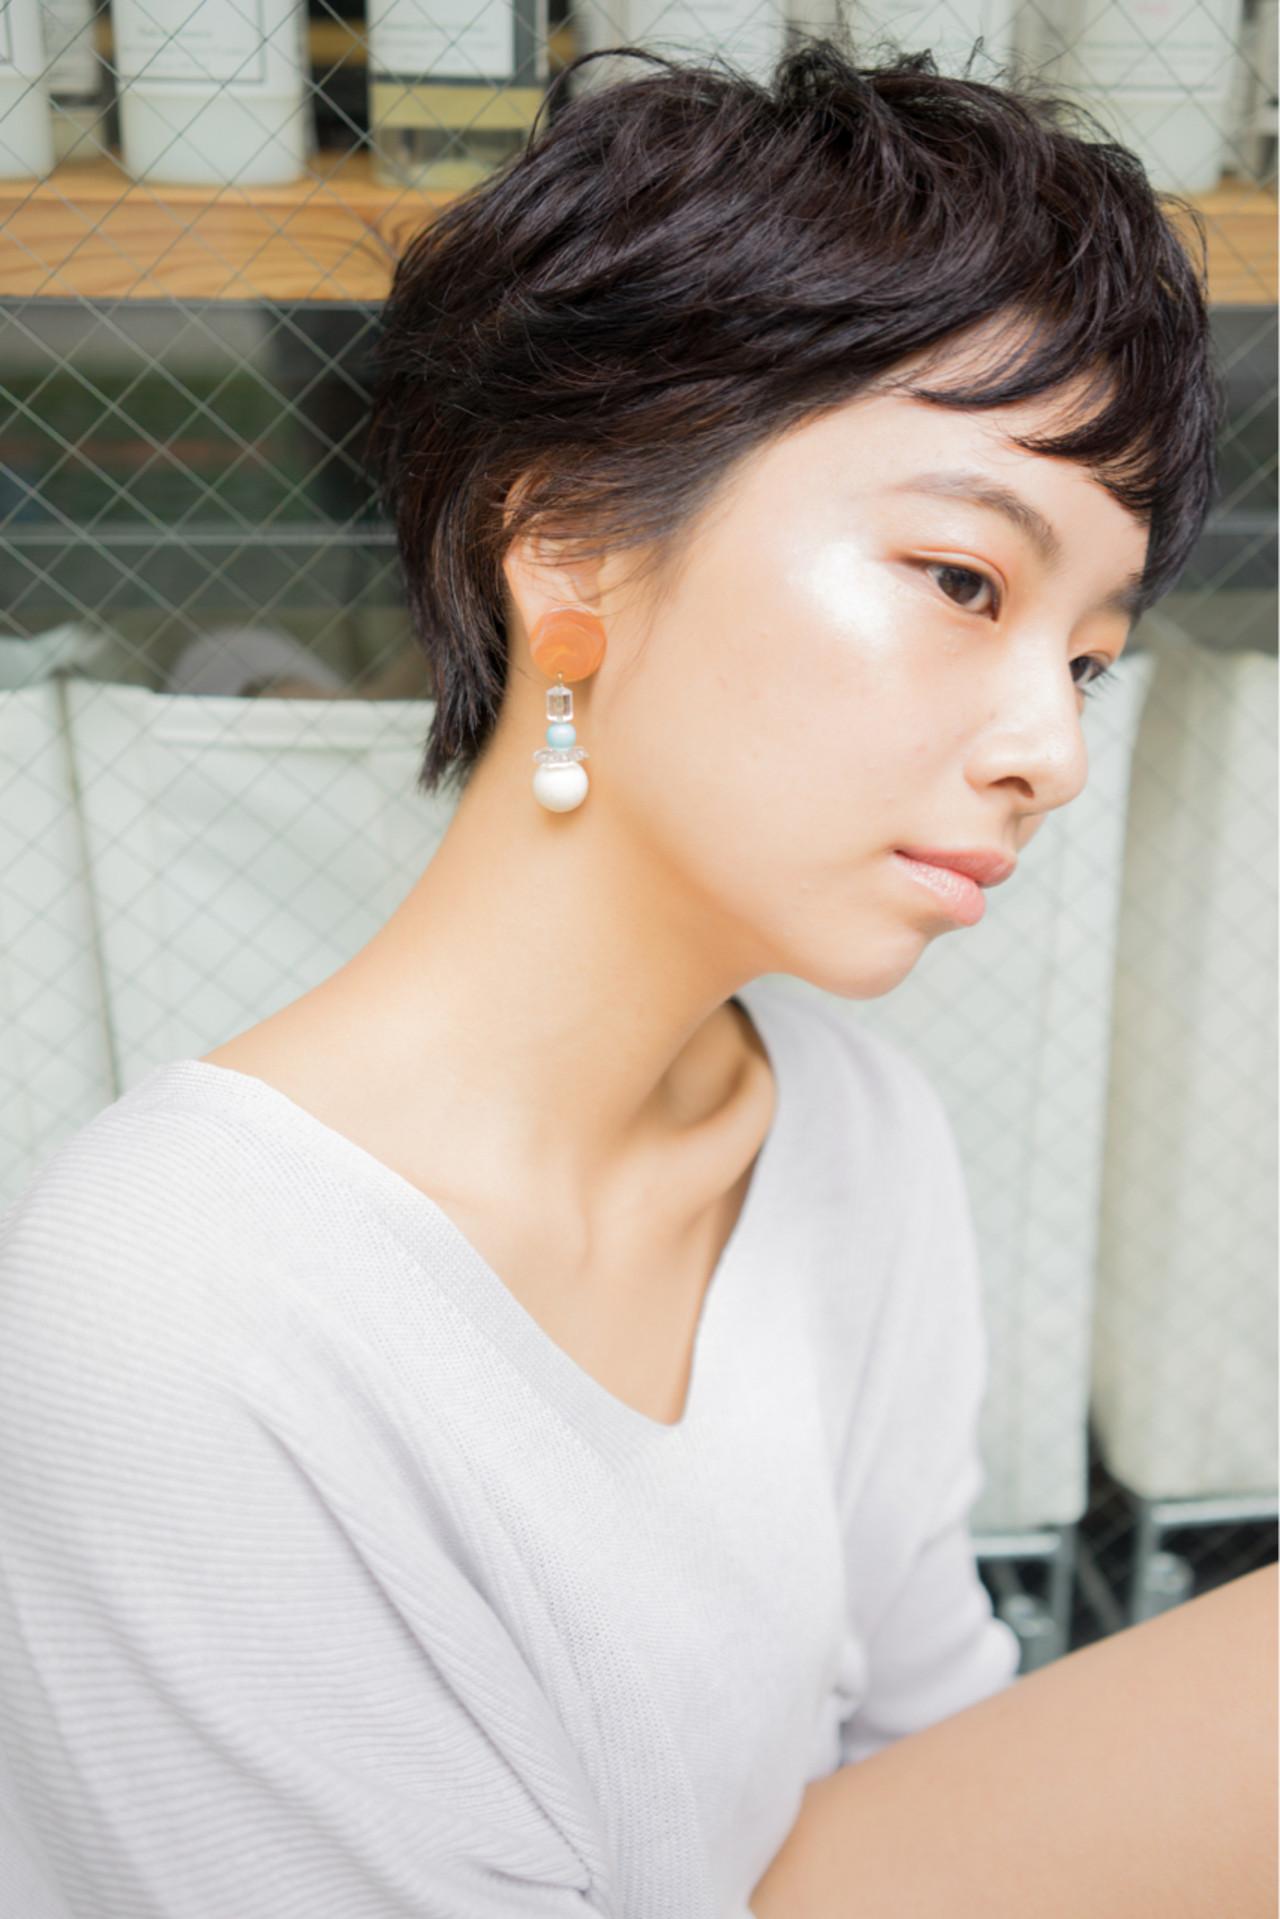 黒髪 ナチュラル パーマ 外国人風 ヘアスタイルや髪型の写真・画像 | 祖父江基志 / NOESALON